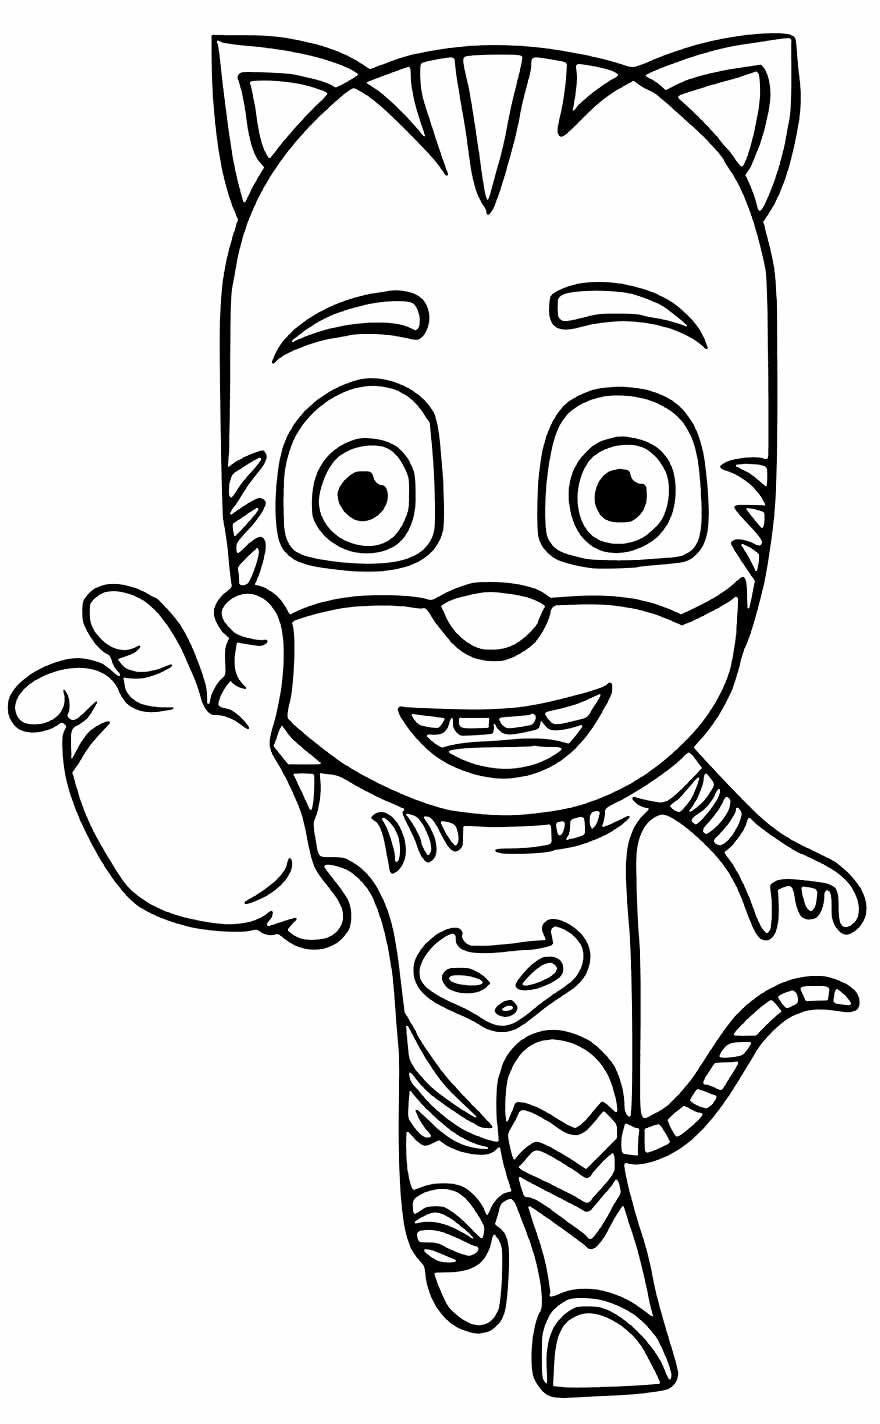 Desenho para colorir de PJ Masks